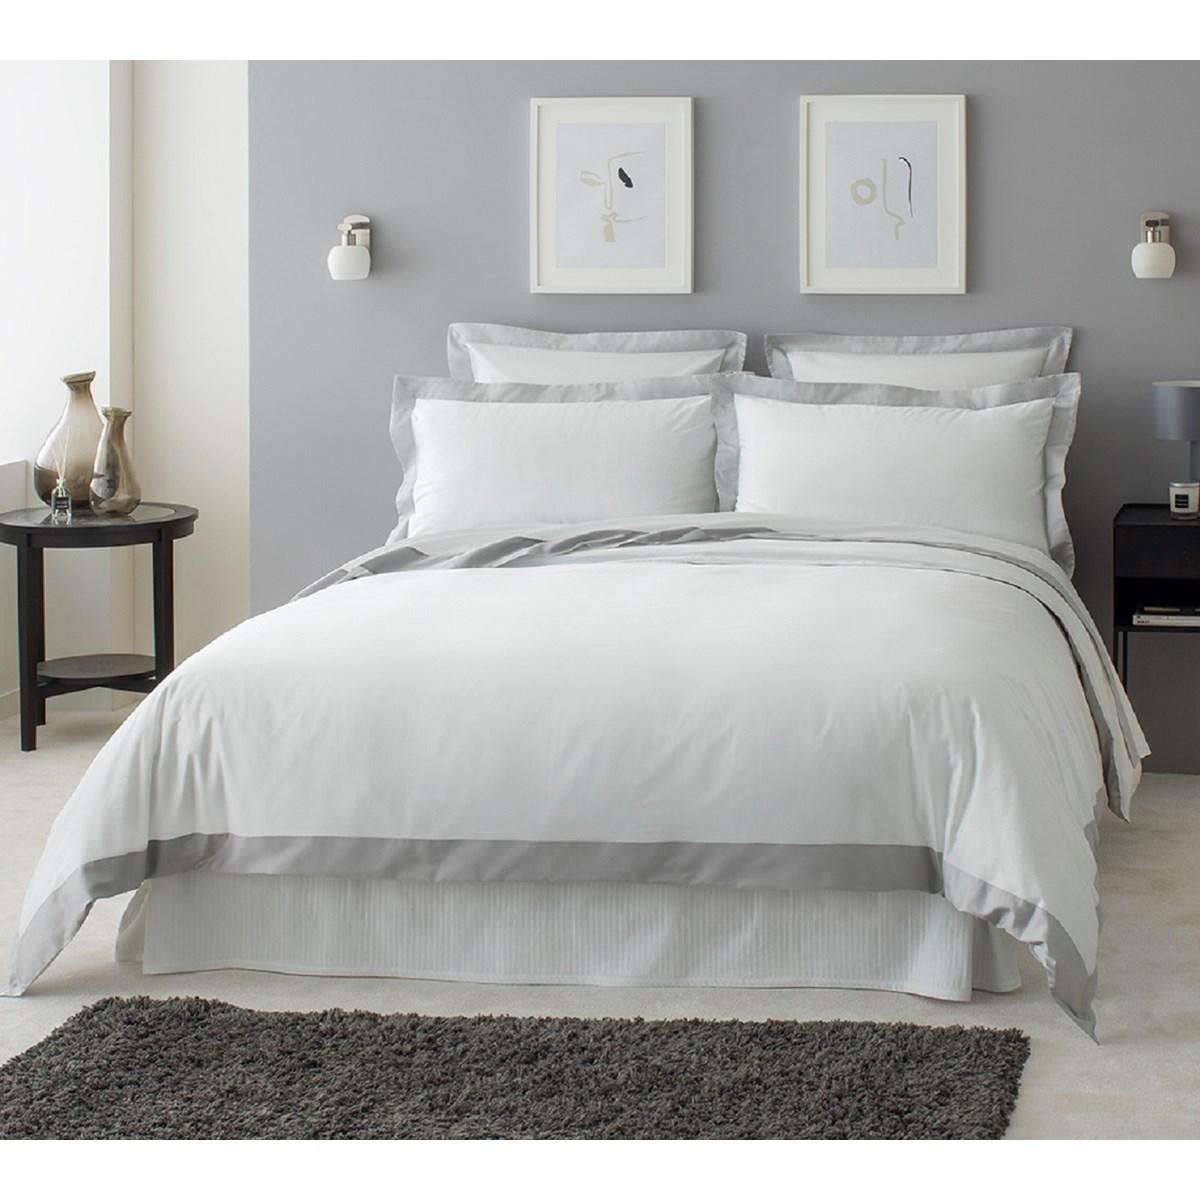 Housse de couette luxe en Satin de coton  Gris clair 200x200 cm